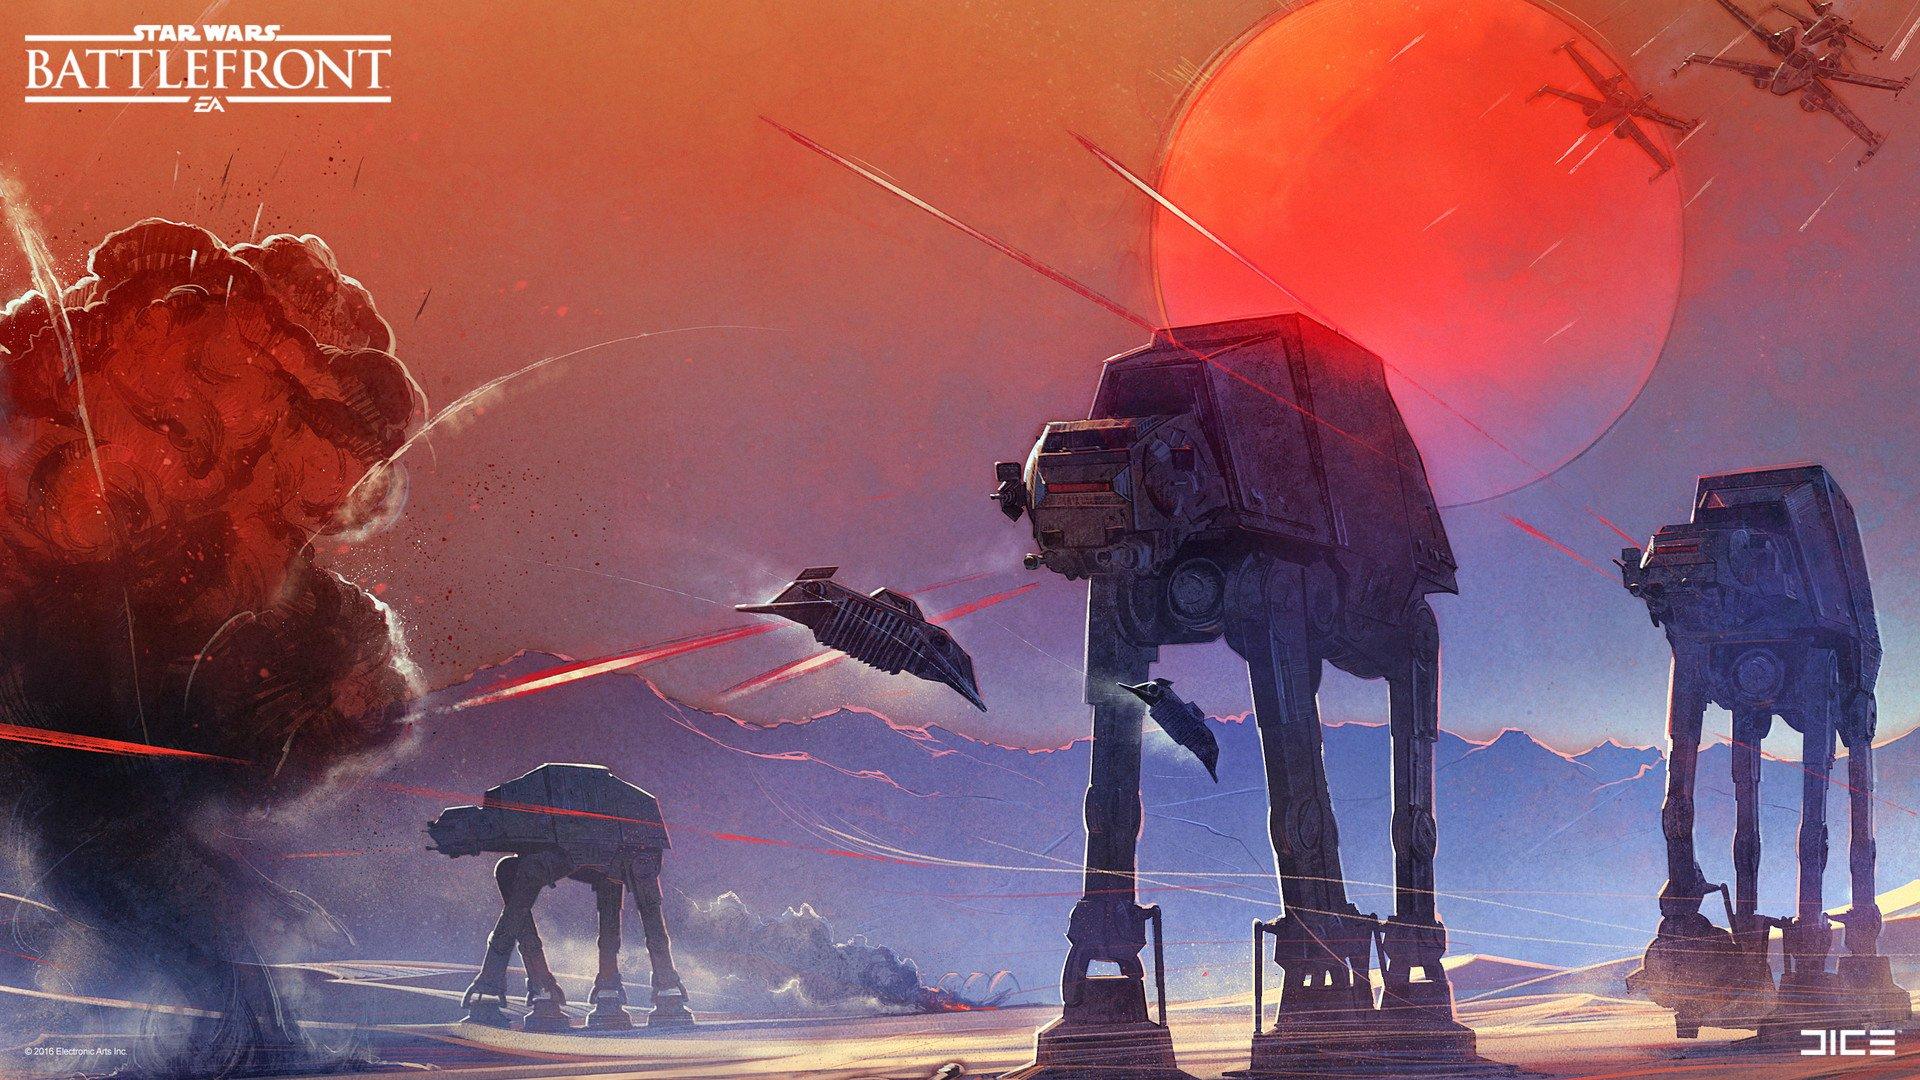 Star Wars Battlefront (2015) HD Wallpaper | Background Image